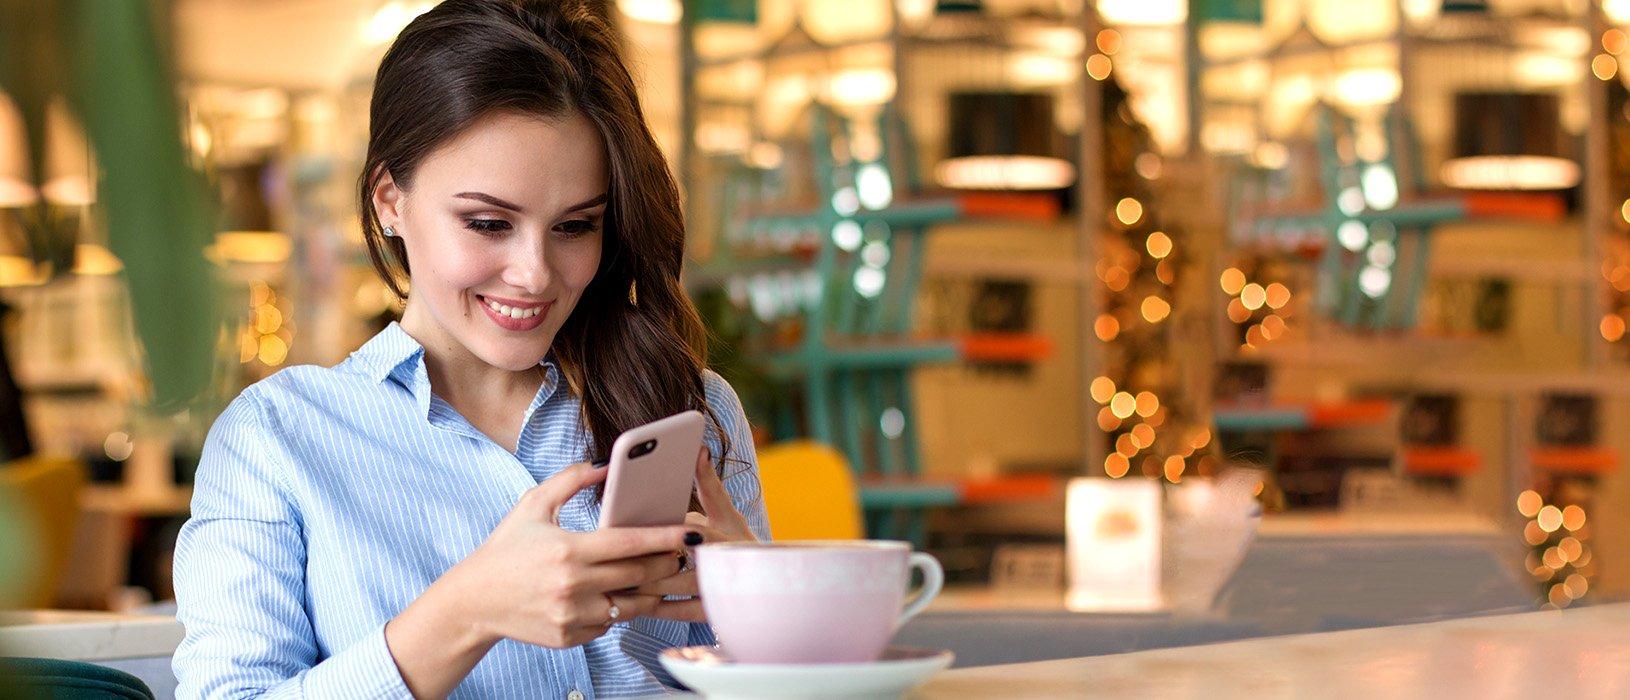 In sozialen Netzwerken können Unternehmen ihre Kunden direkt ansprechen. Foto: Pixabay